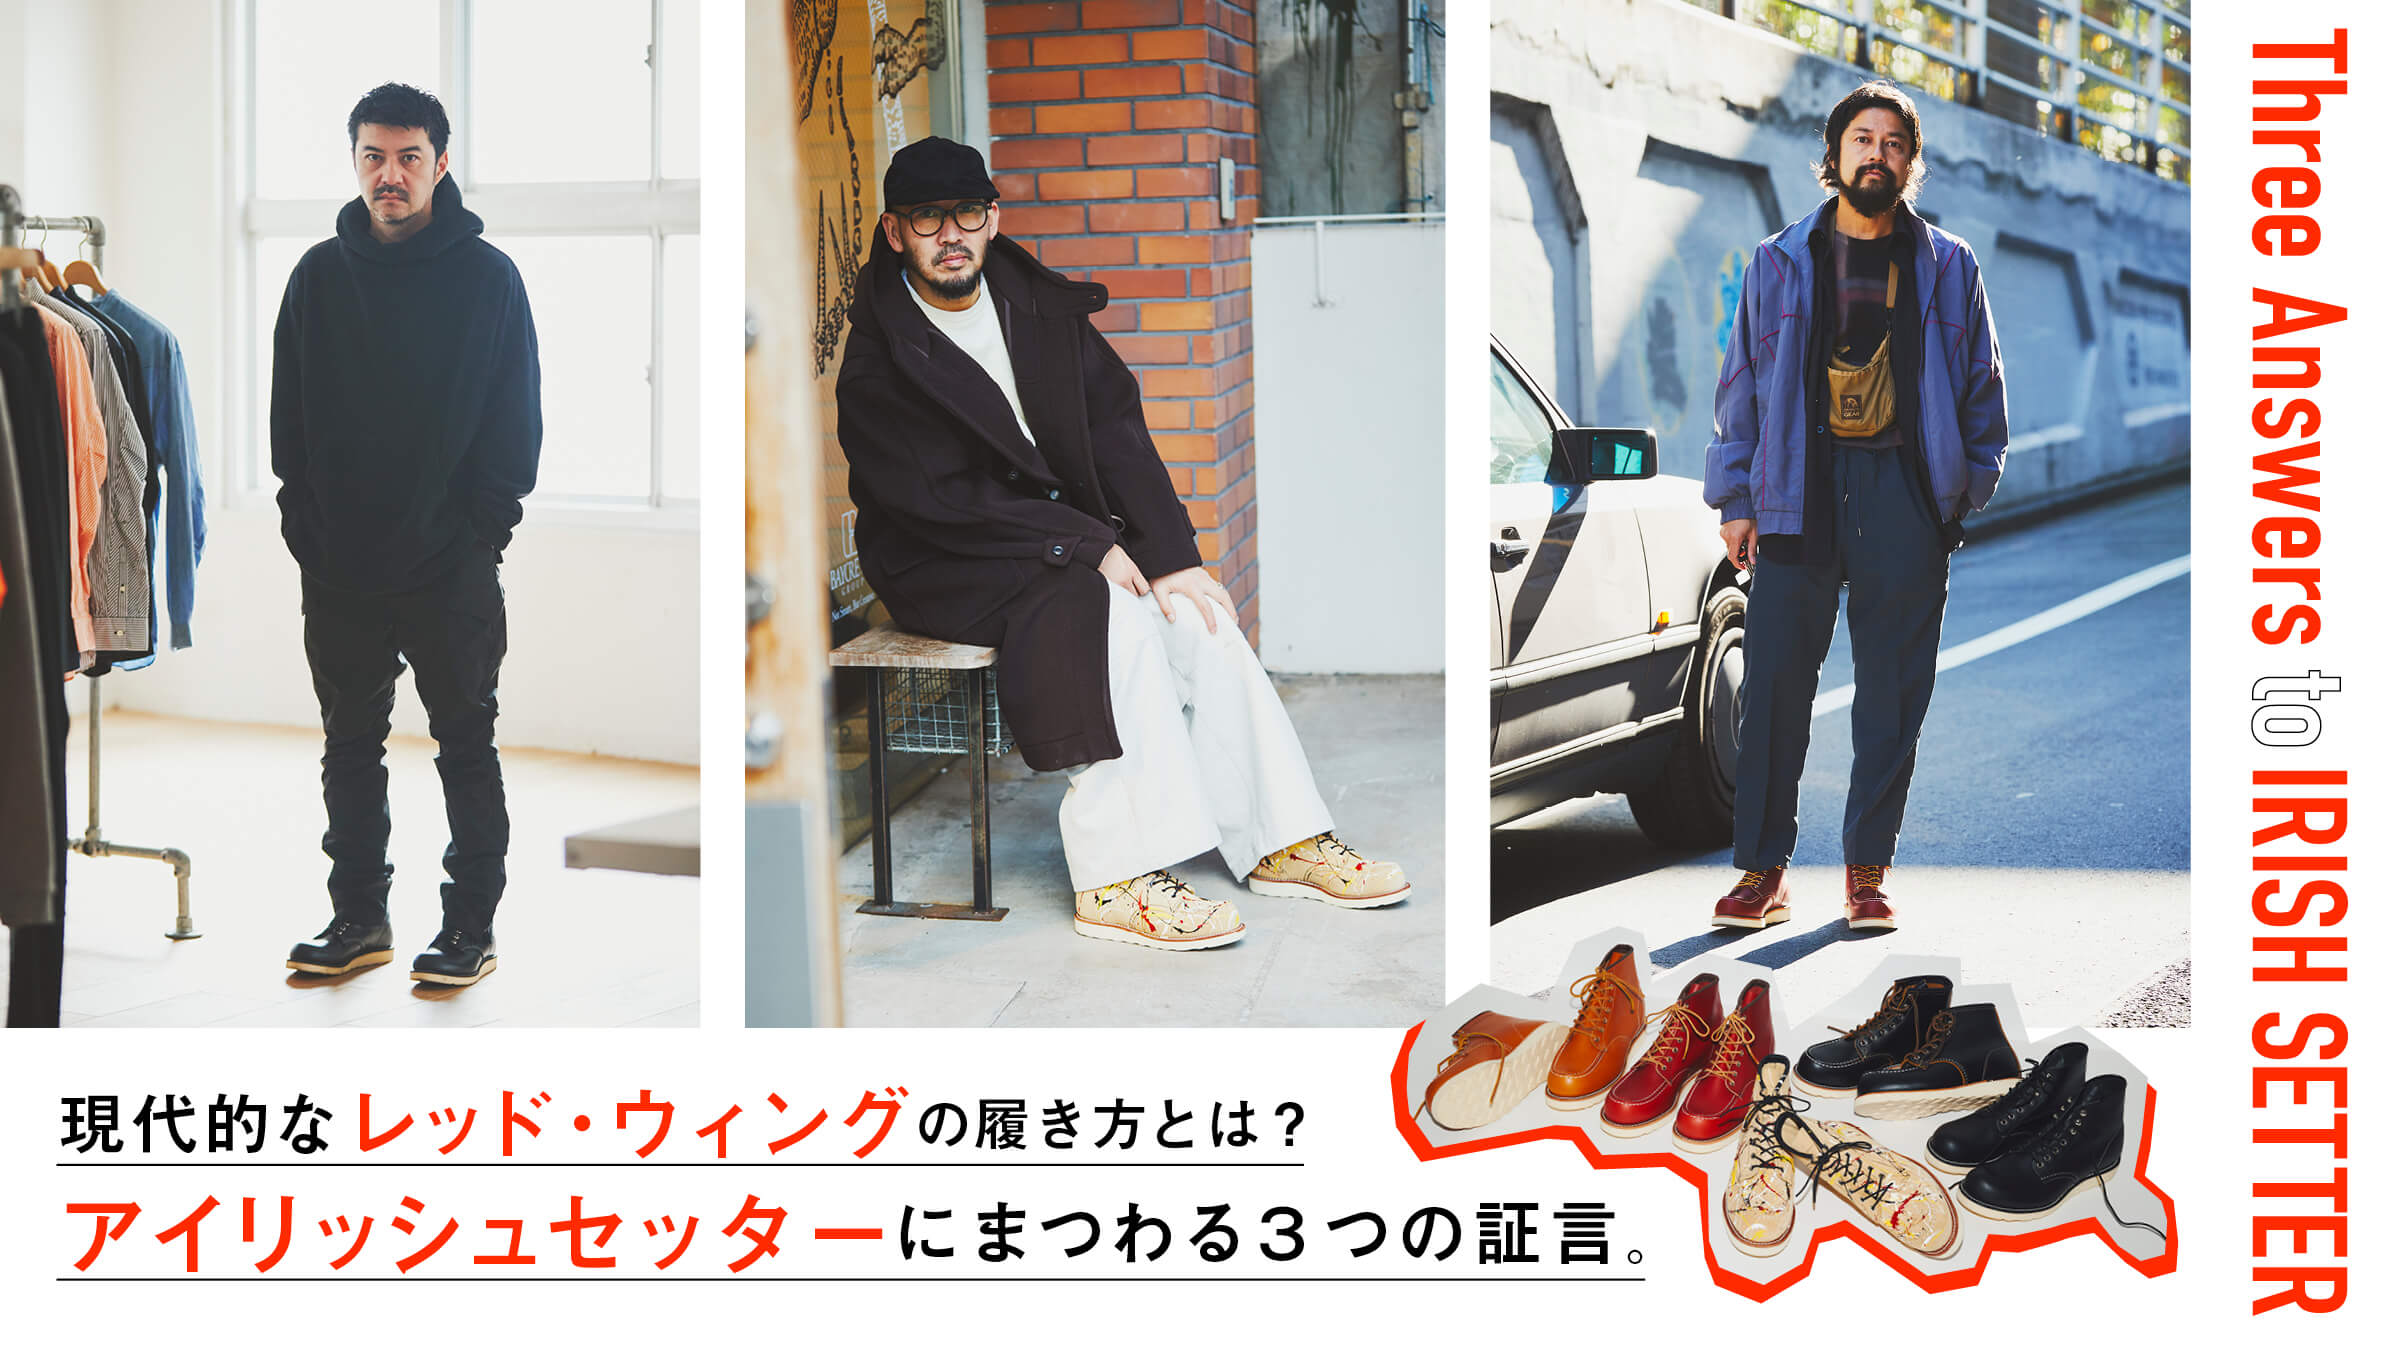 現代的なレッド・ウィングの履き方とは? アイリッシュセッターにまつわる3つの証言。